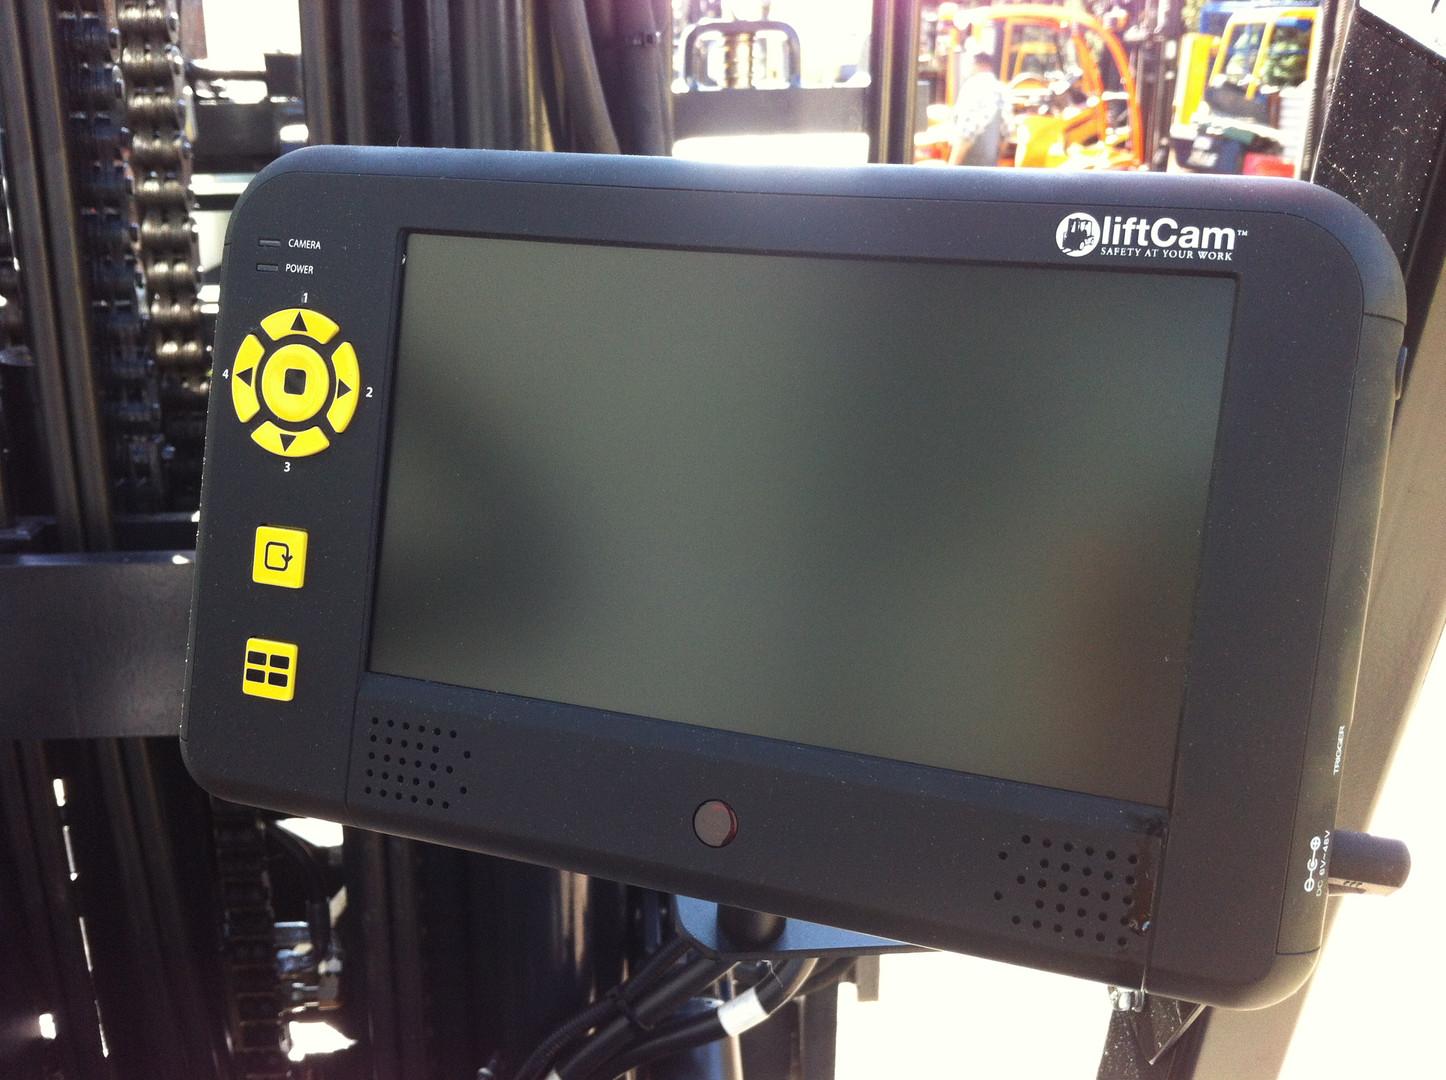 Monitor der Gabelzinkenkamera zur Überwachung - Gabelstapler Technik Hahnen